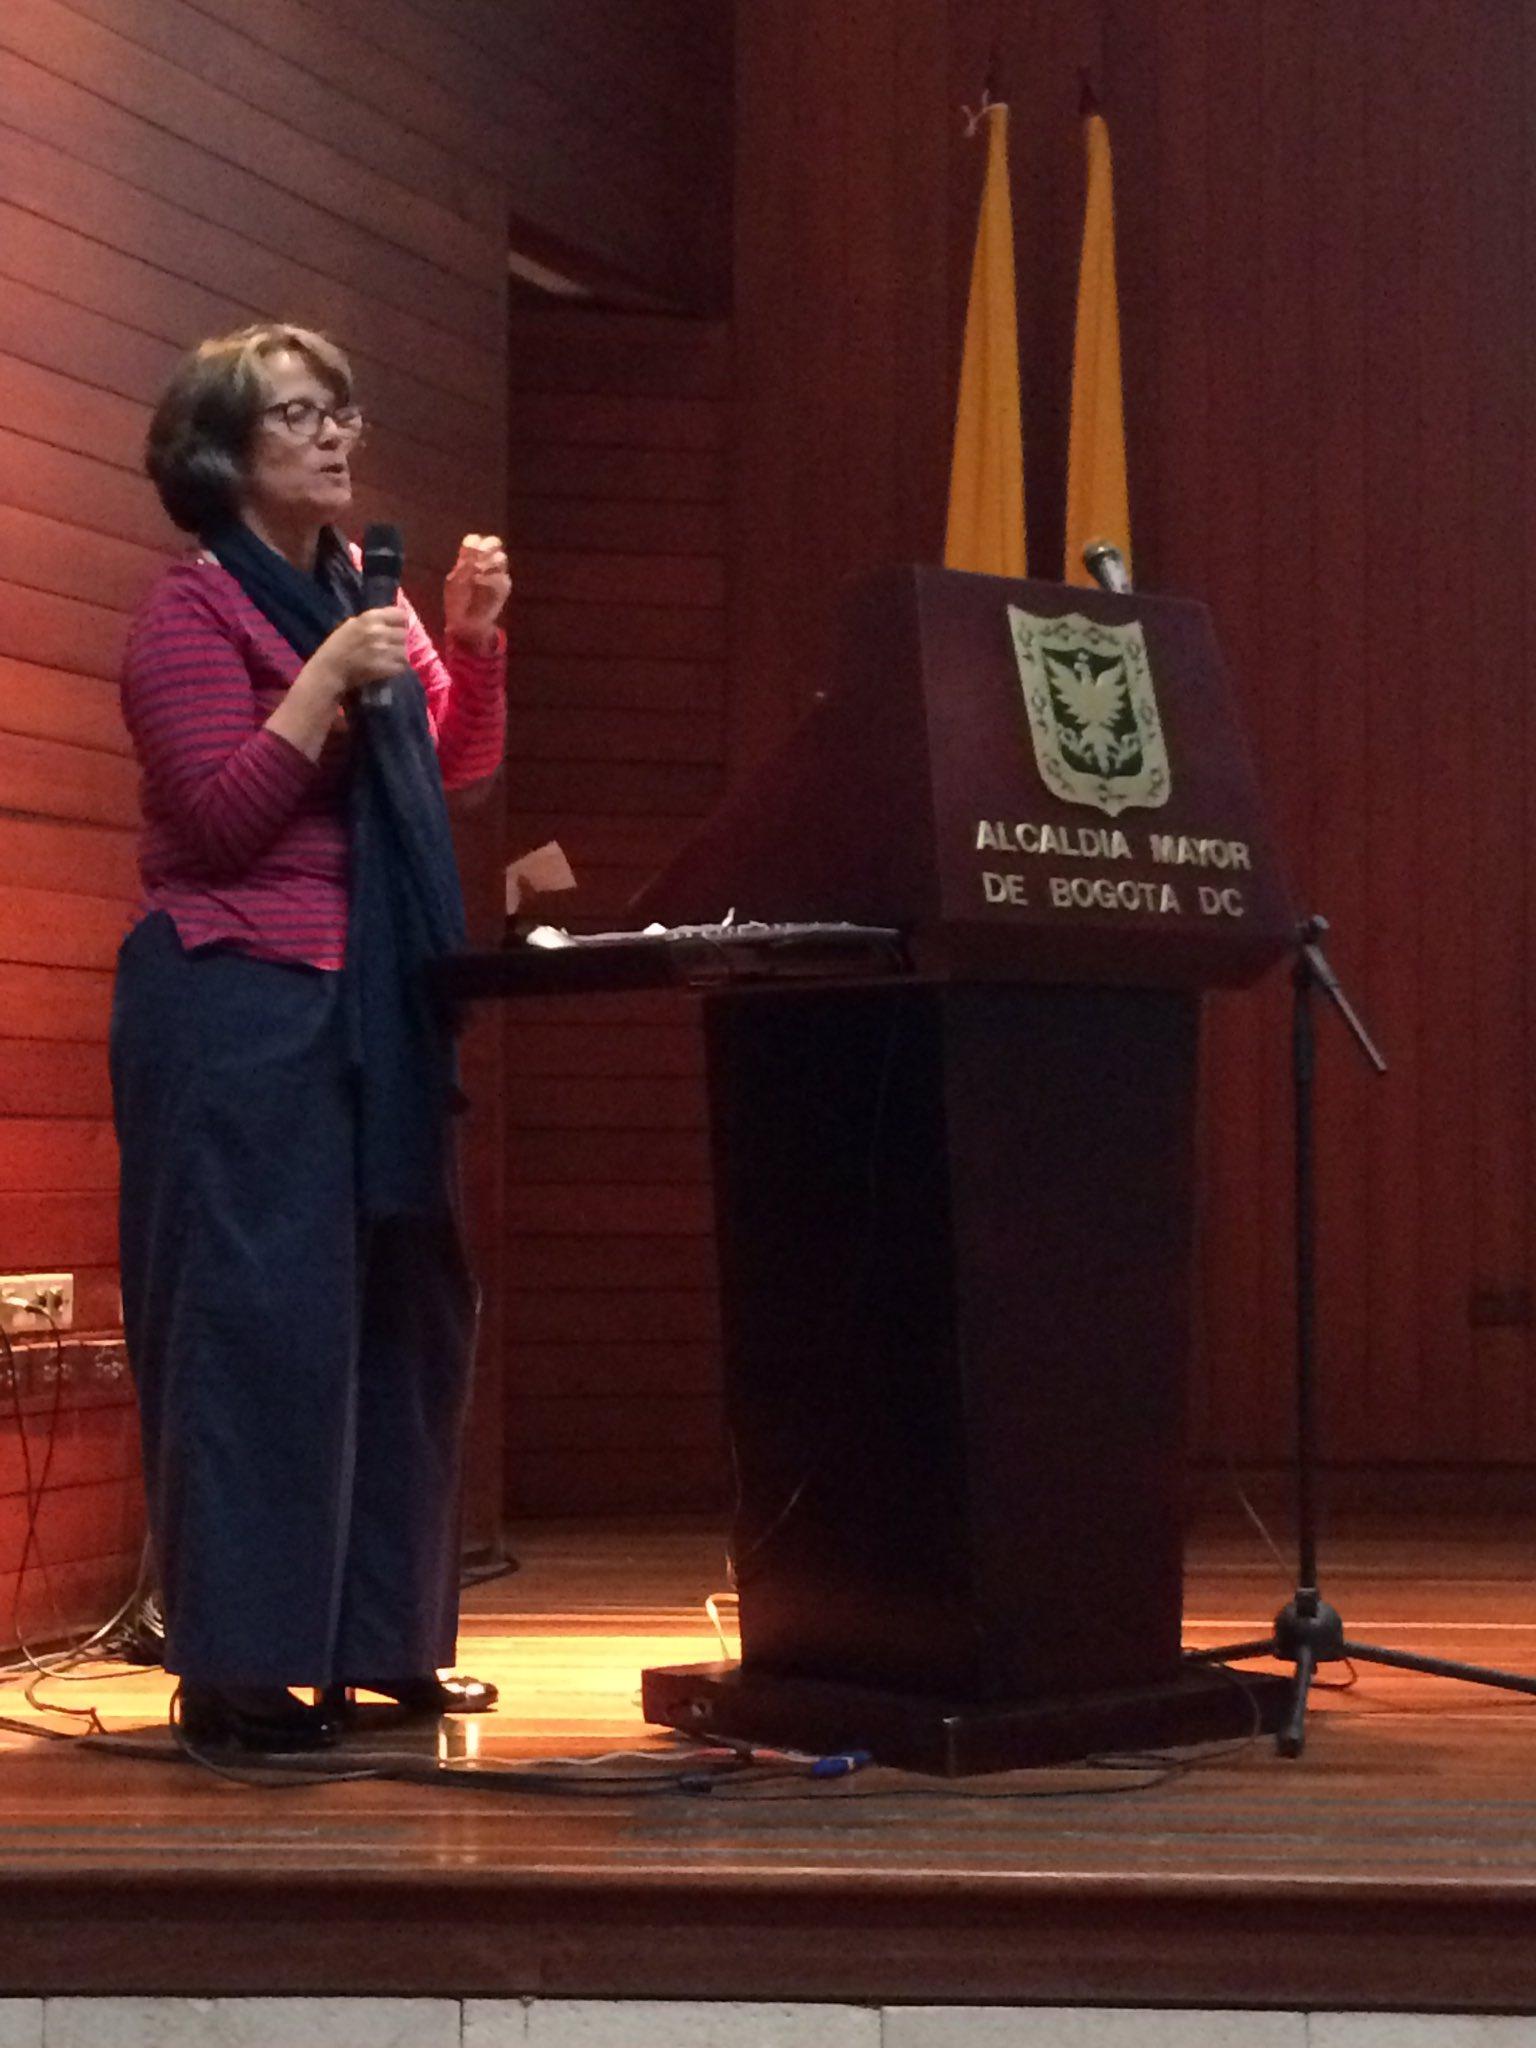 Natalia Maria Antonia del Archivo Municipal de Lisboa, habla sobre los #RetosDeLosArchivosMunicipales y los cuadros de clasificación https://t.co/A4uSvxcWyV